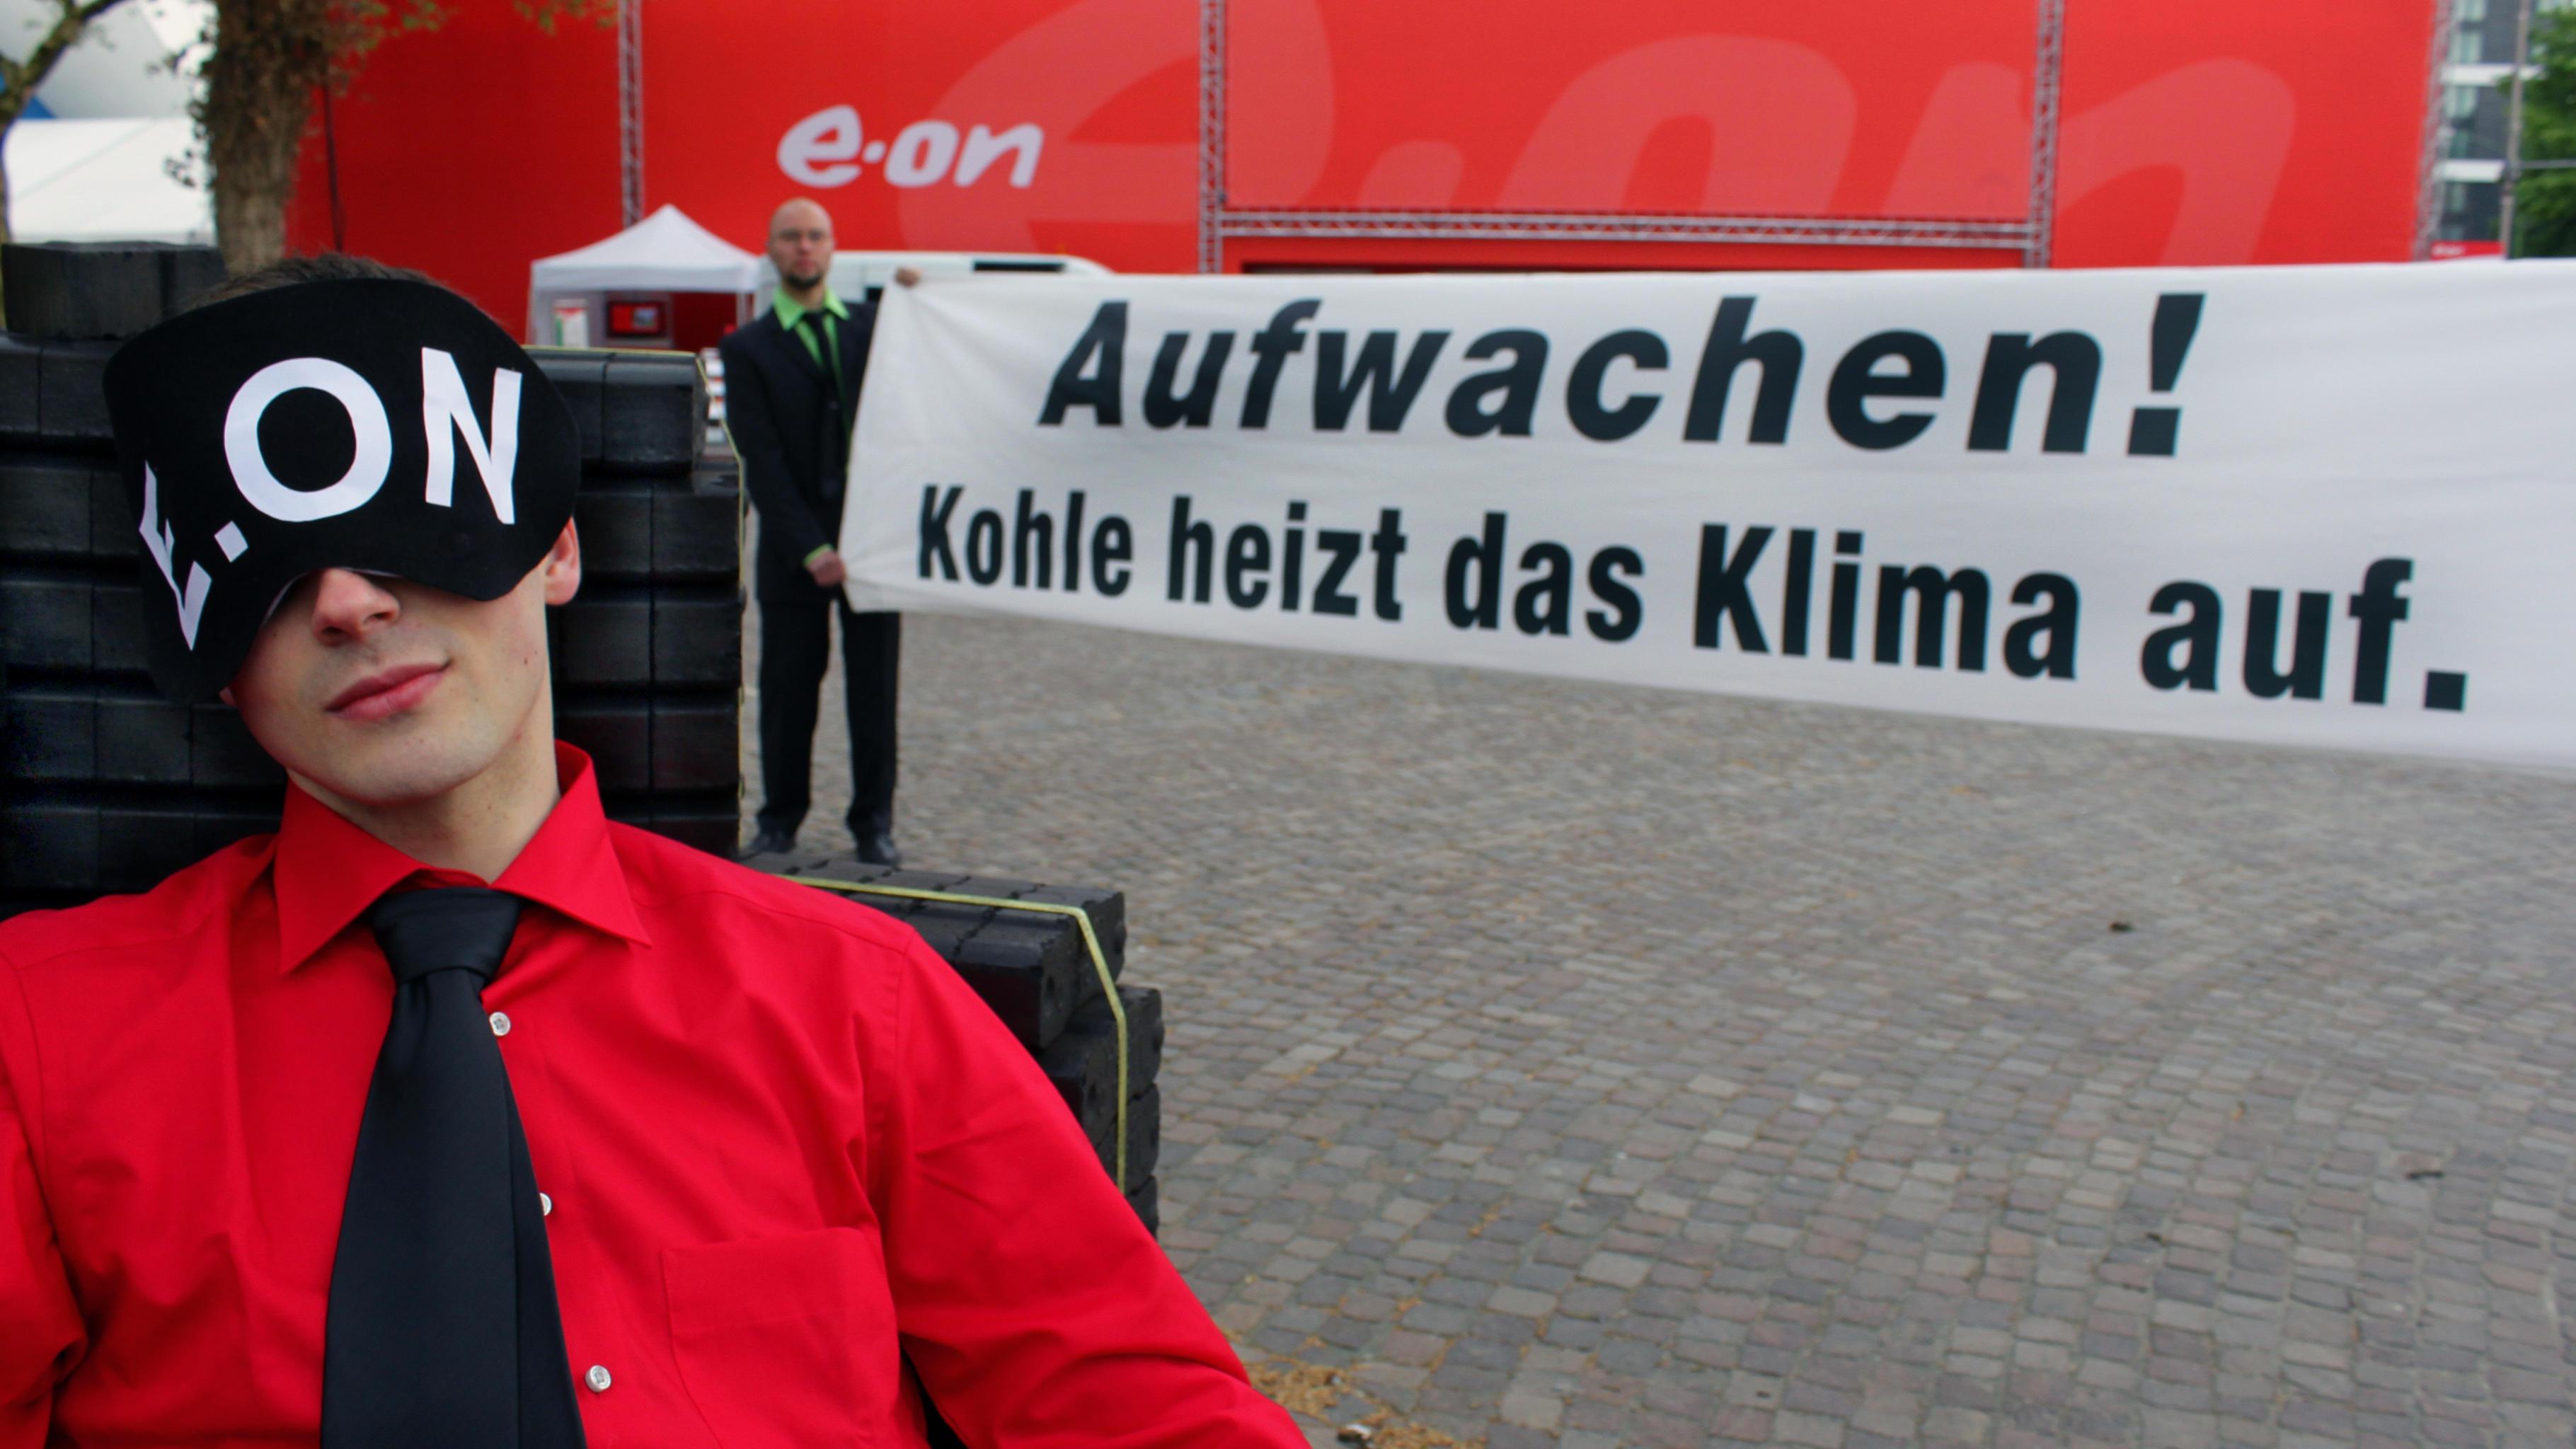 Foto: Medienstunt bei der E.ON Hauptversammlung.